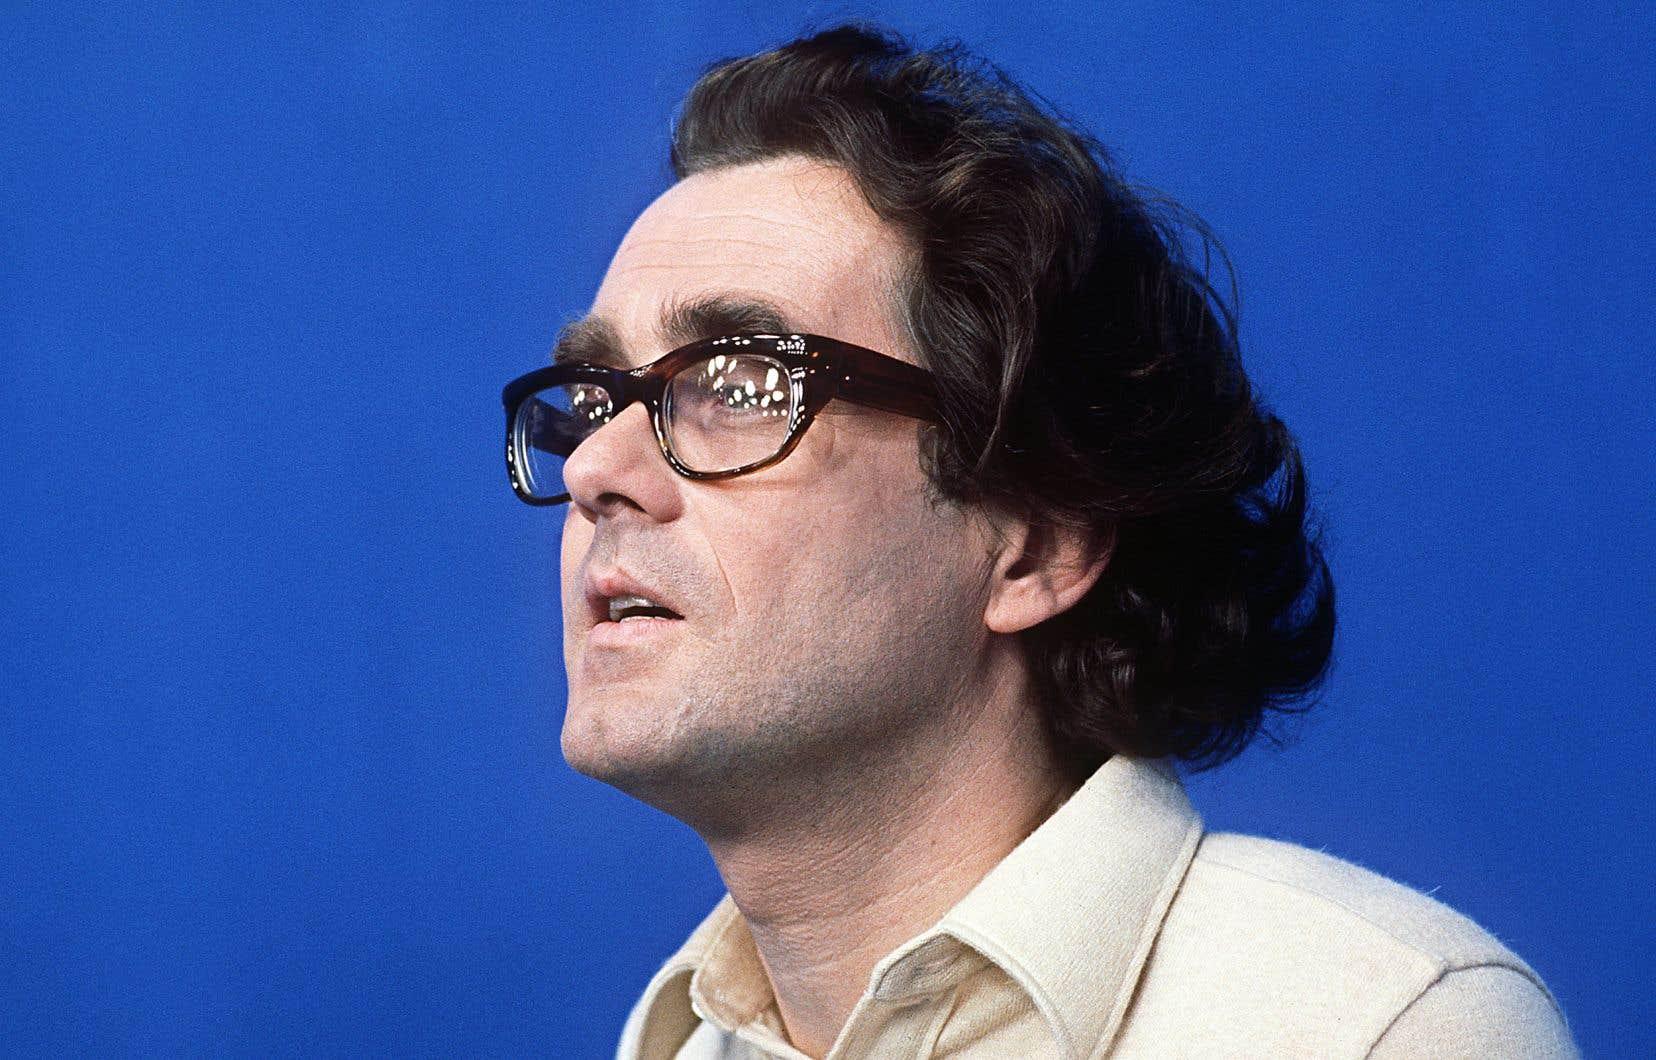 Michel Legrand, en 1970. Installé à Hollywood, il retrouve son vieux copain, Quincy Jones, et s'en fait un nouveau: Henry Mancini. Ces trois-là vont avoir un impact énorme sur la production de musiques de films et de télé.